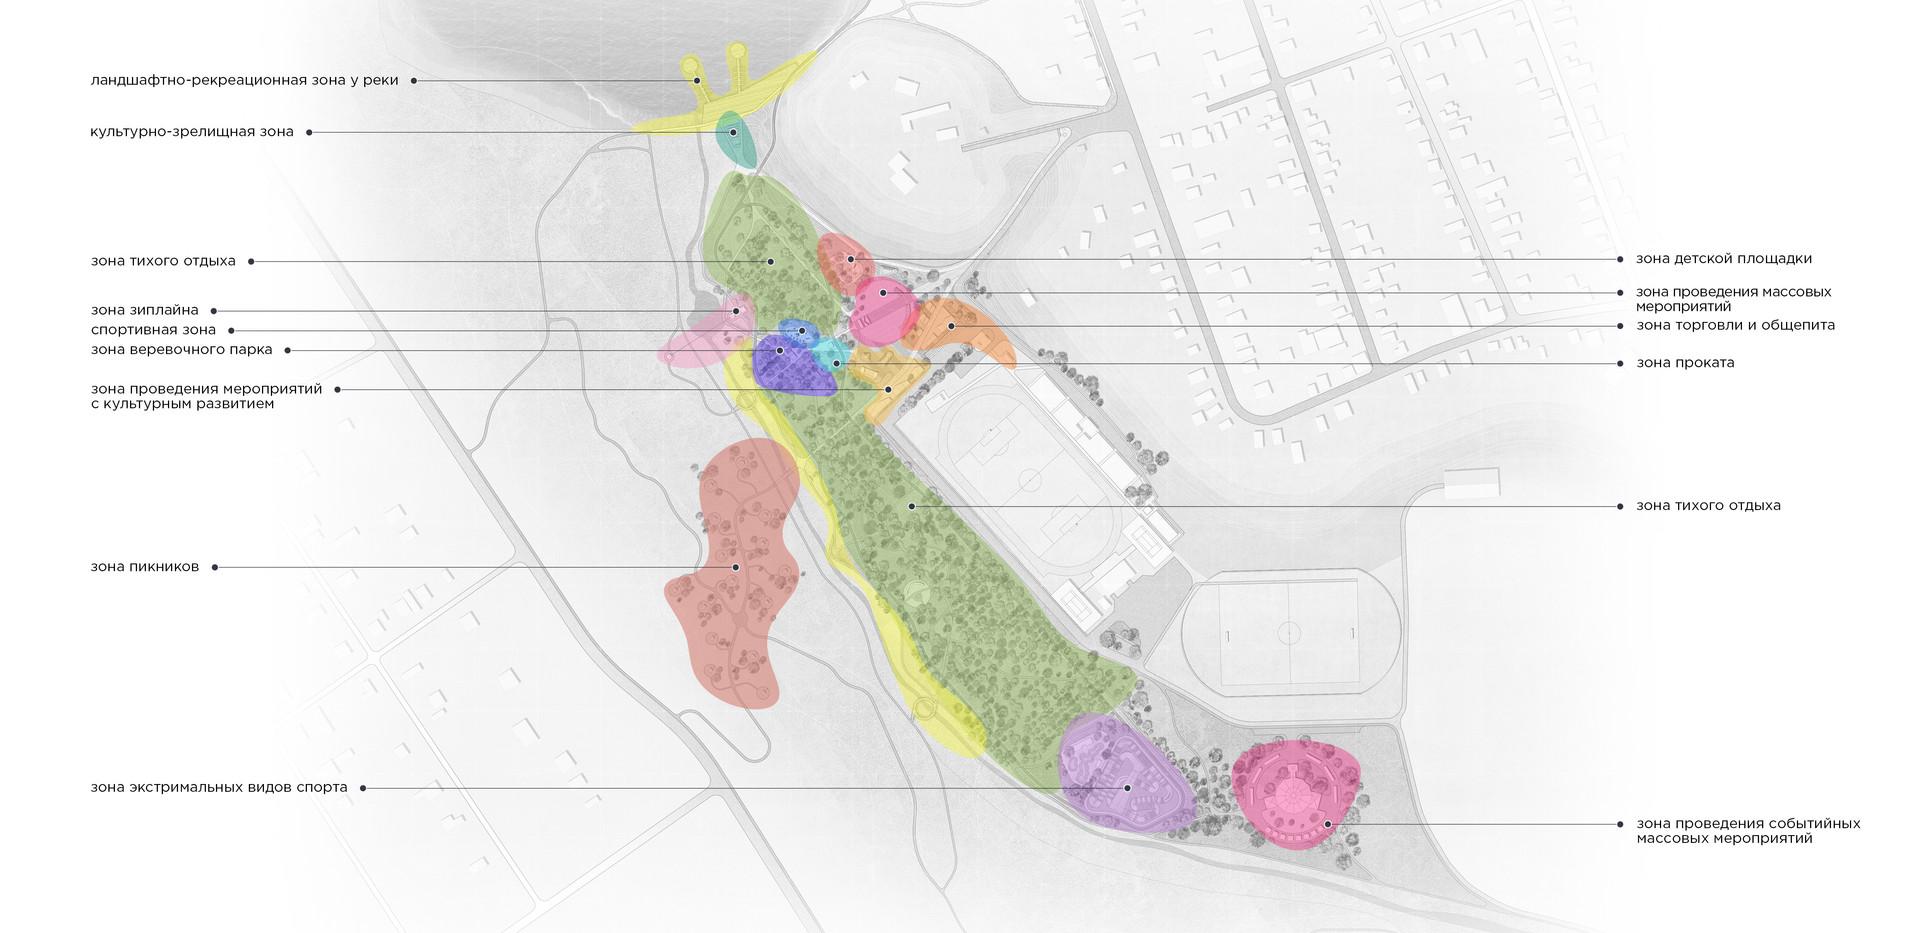 Схема функционального зонирования террит